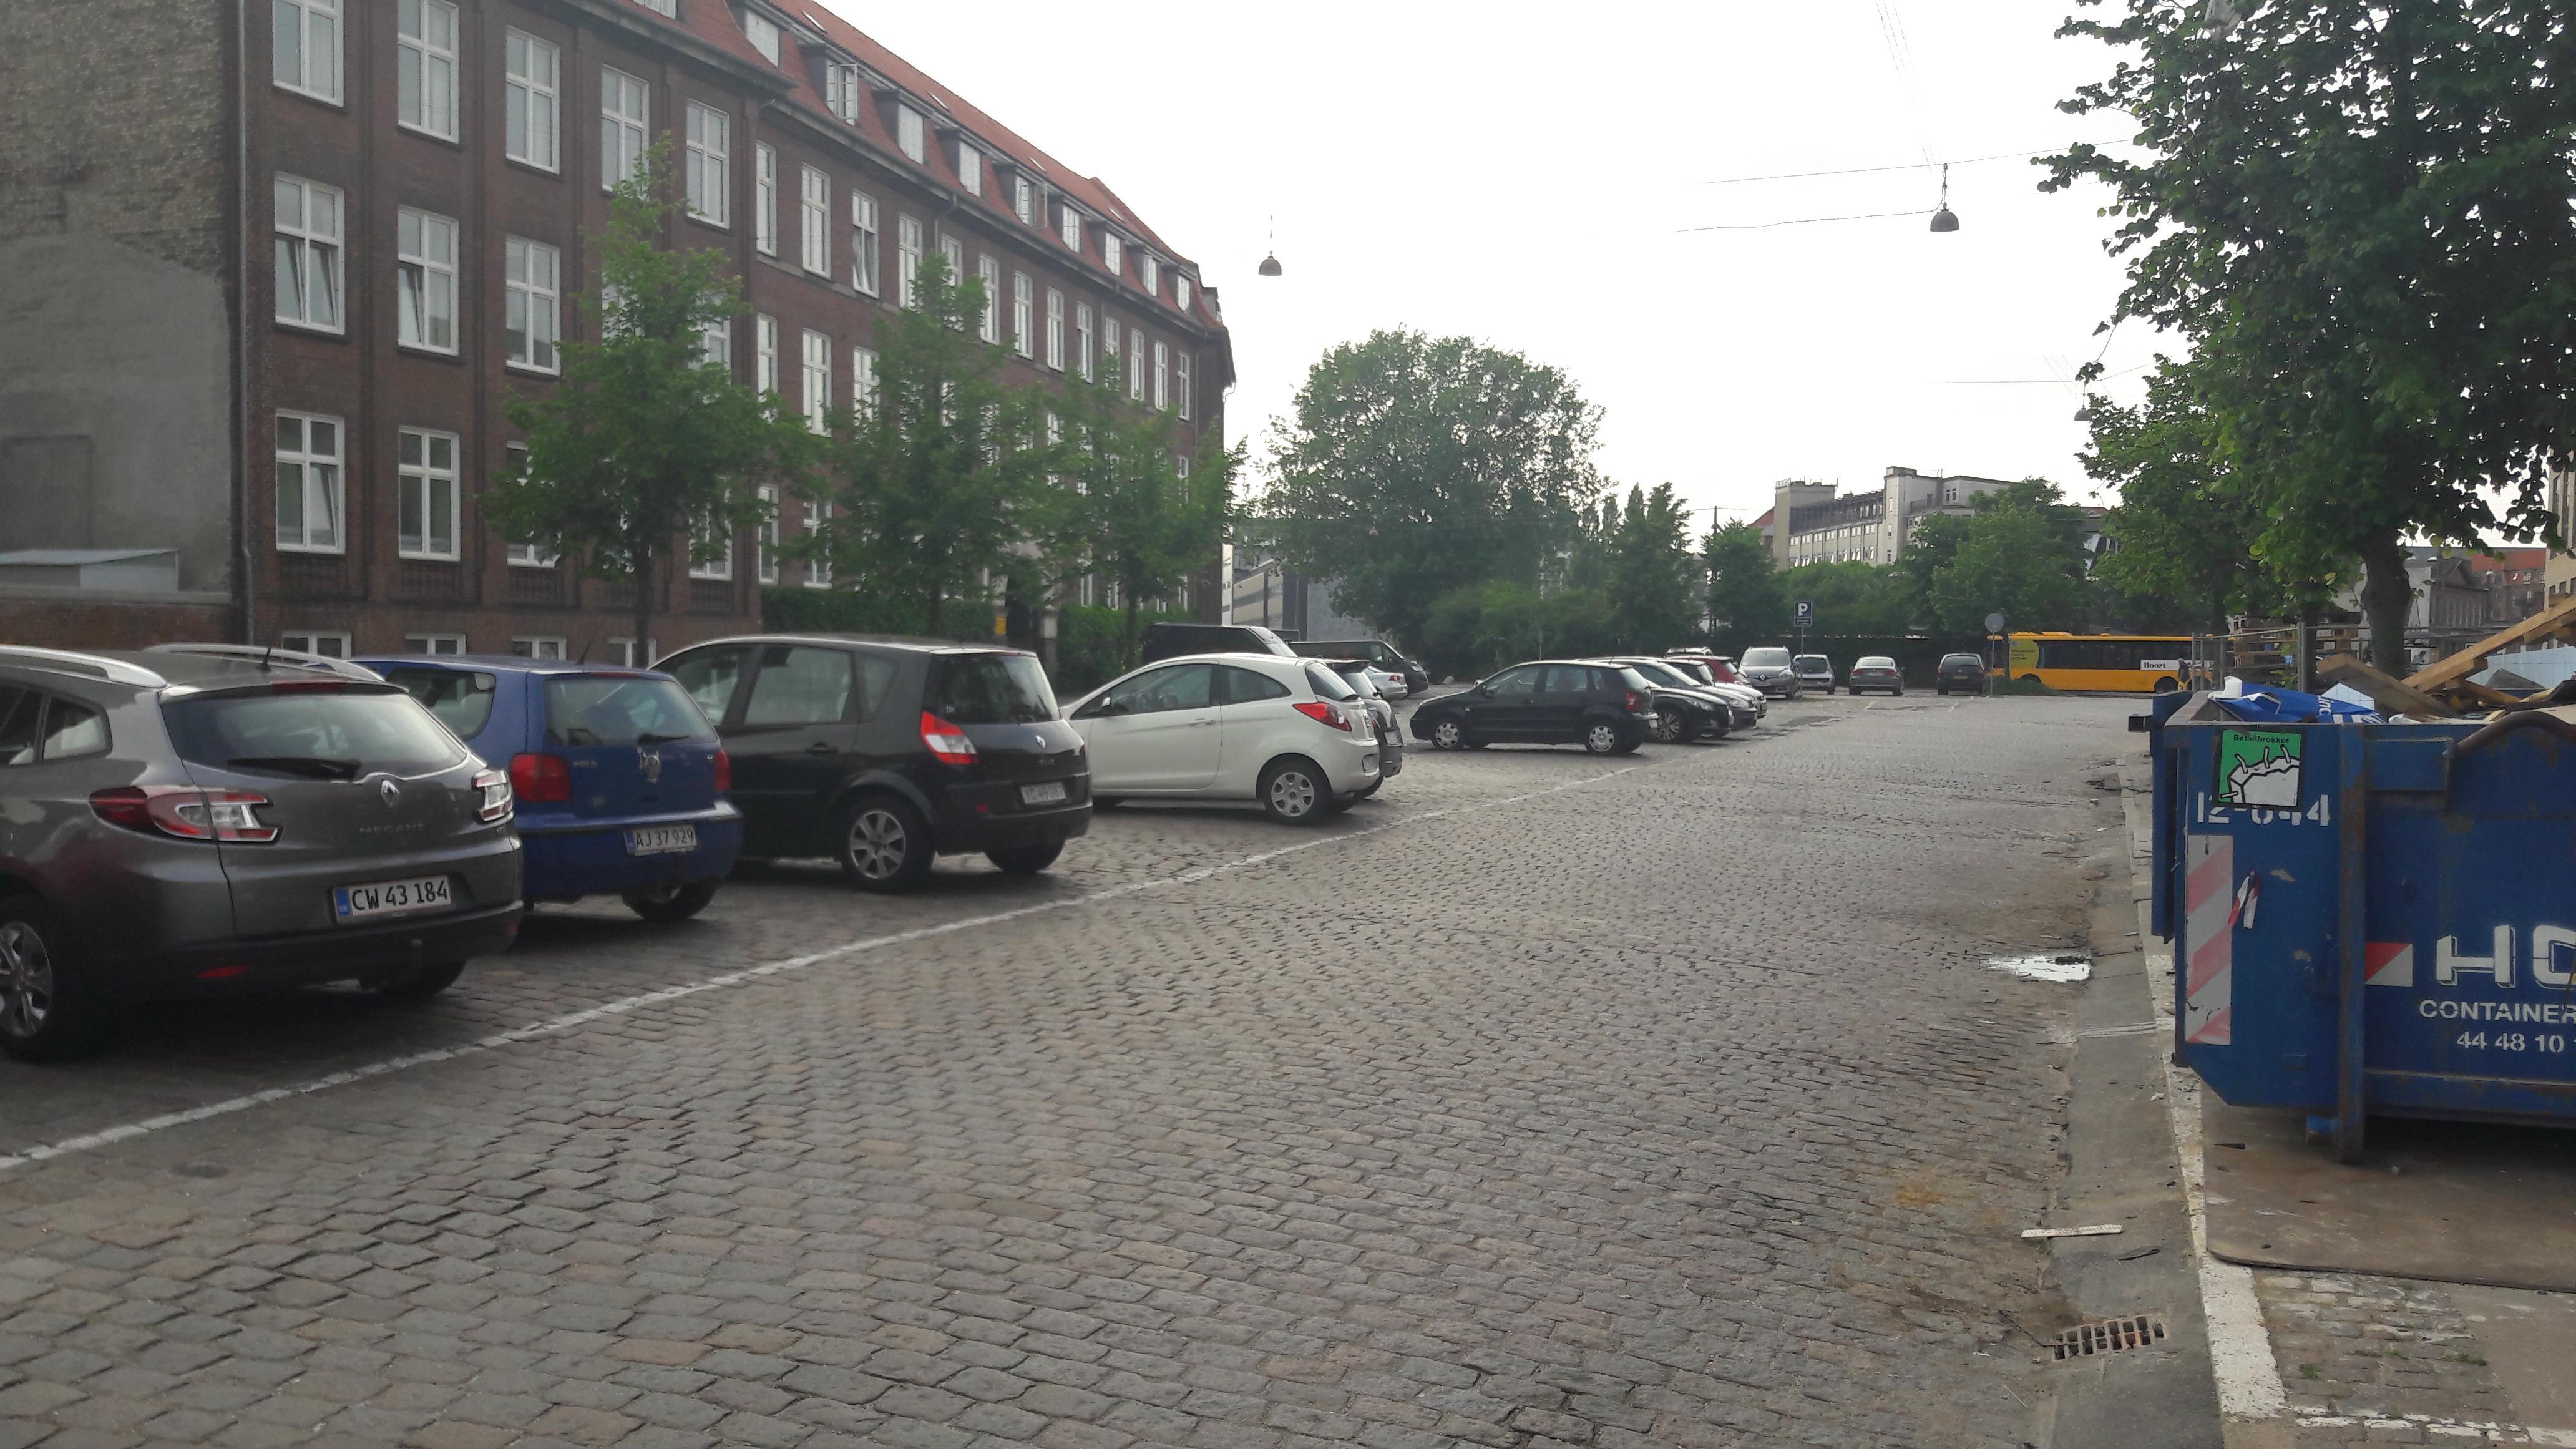 Kigkurren 8a Parking Parkplatz In København Parkme